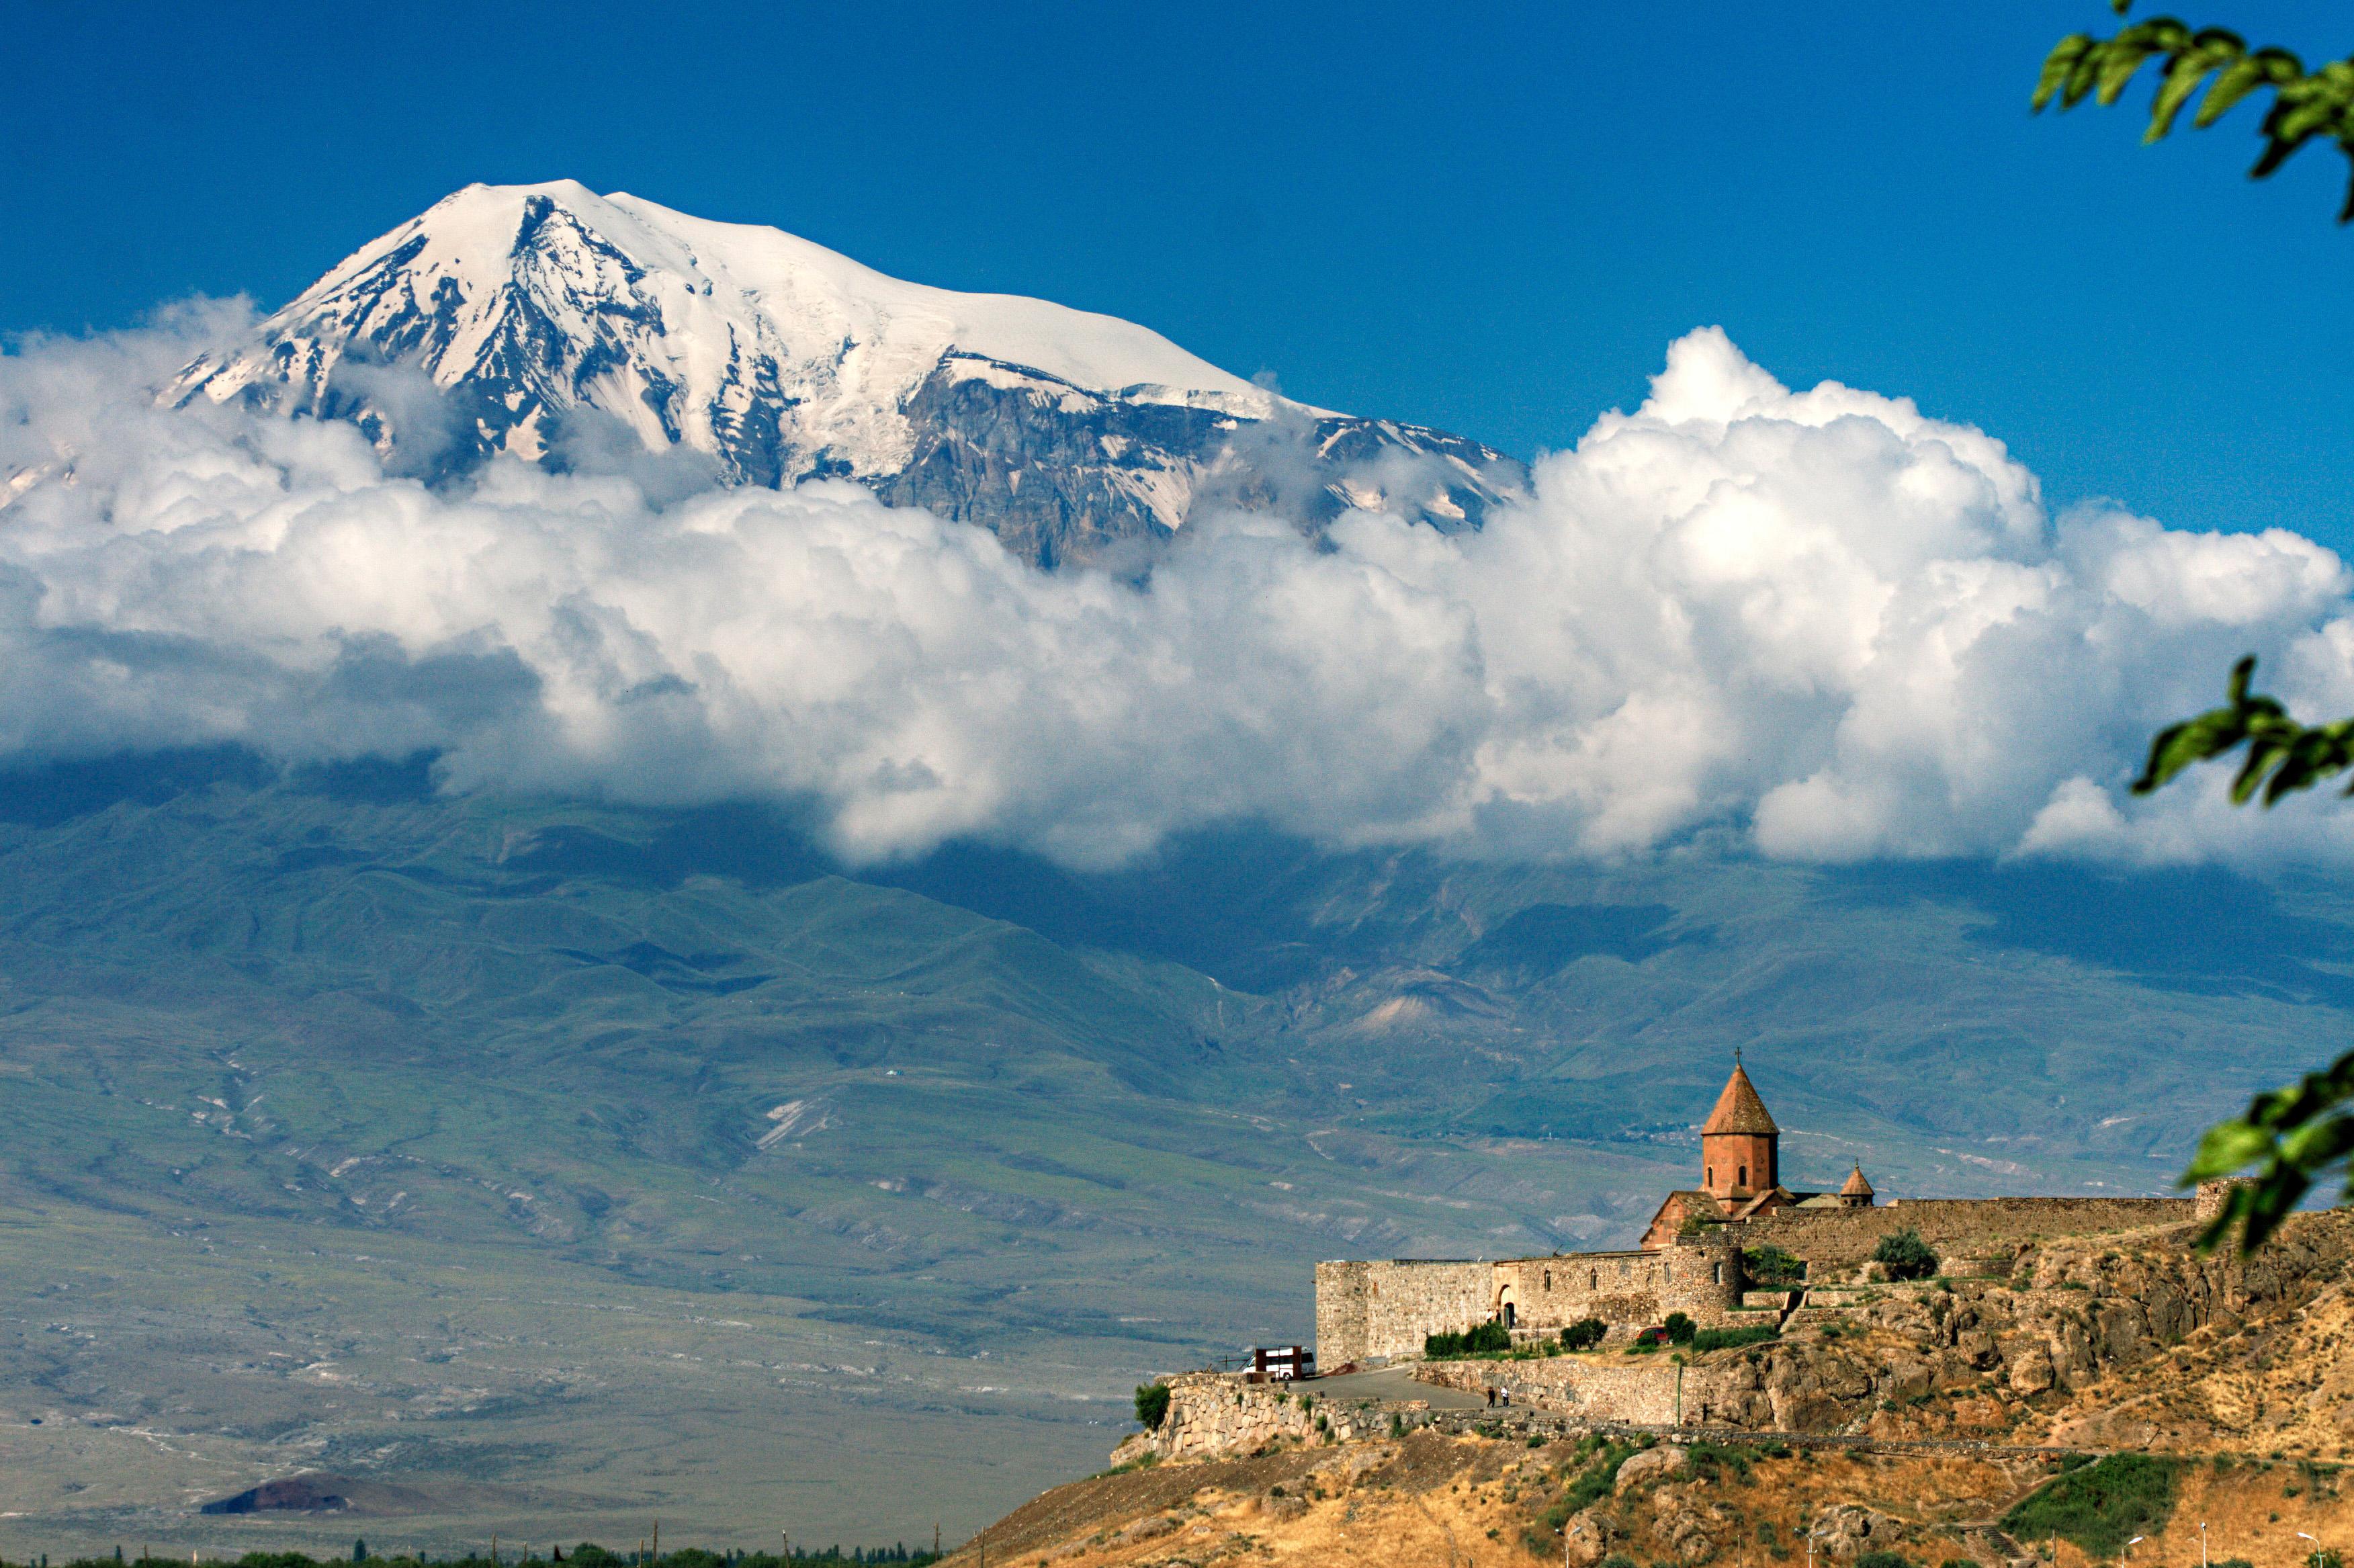 Das Kloster Chor Virap vor dem Berg Ararat. Der Mönch Krikor Lusavoritsch war hier eingekerkert, bevor er den König TrdatIII. zum Christentum bekehrte